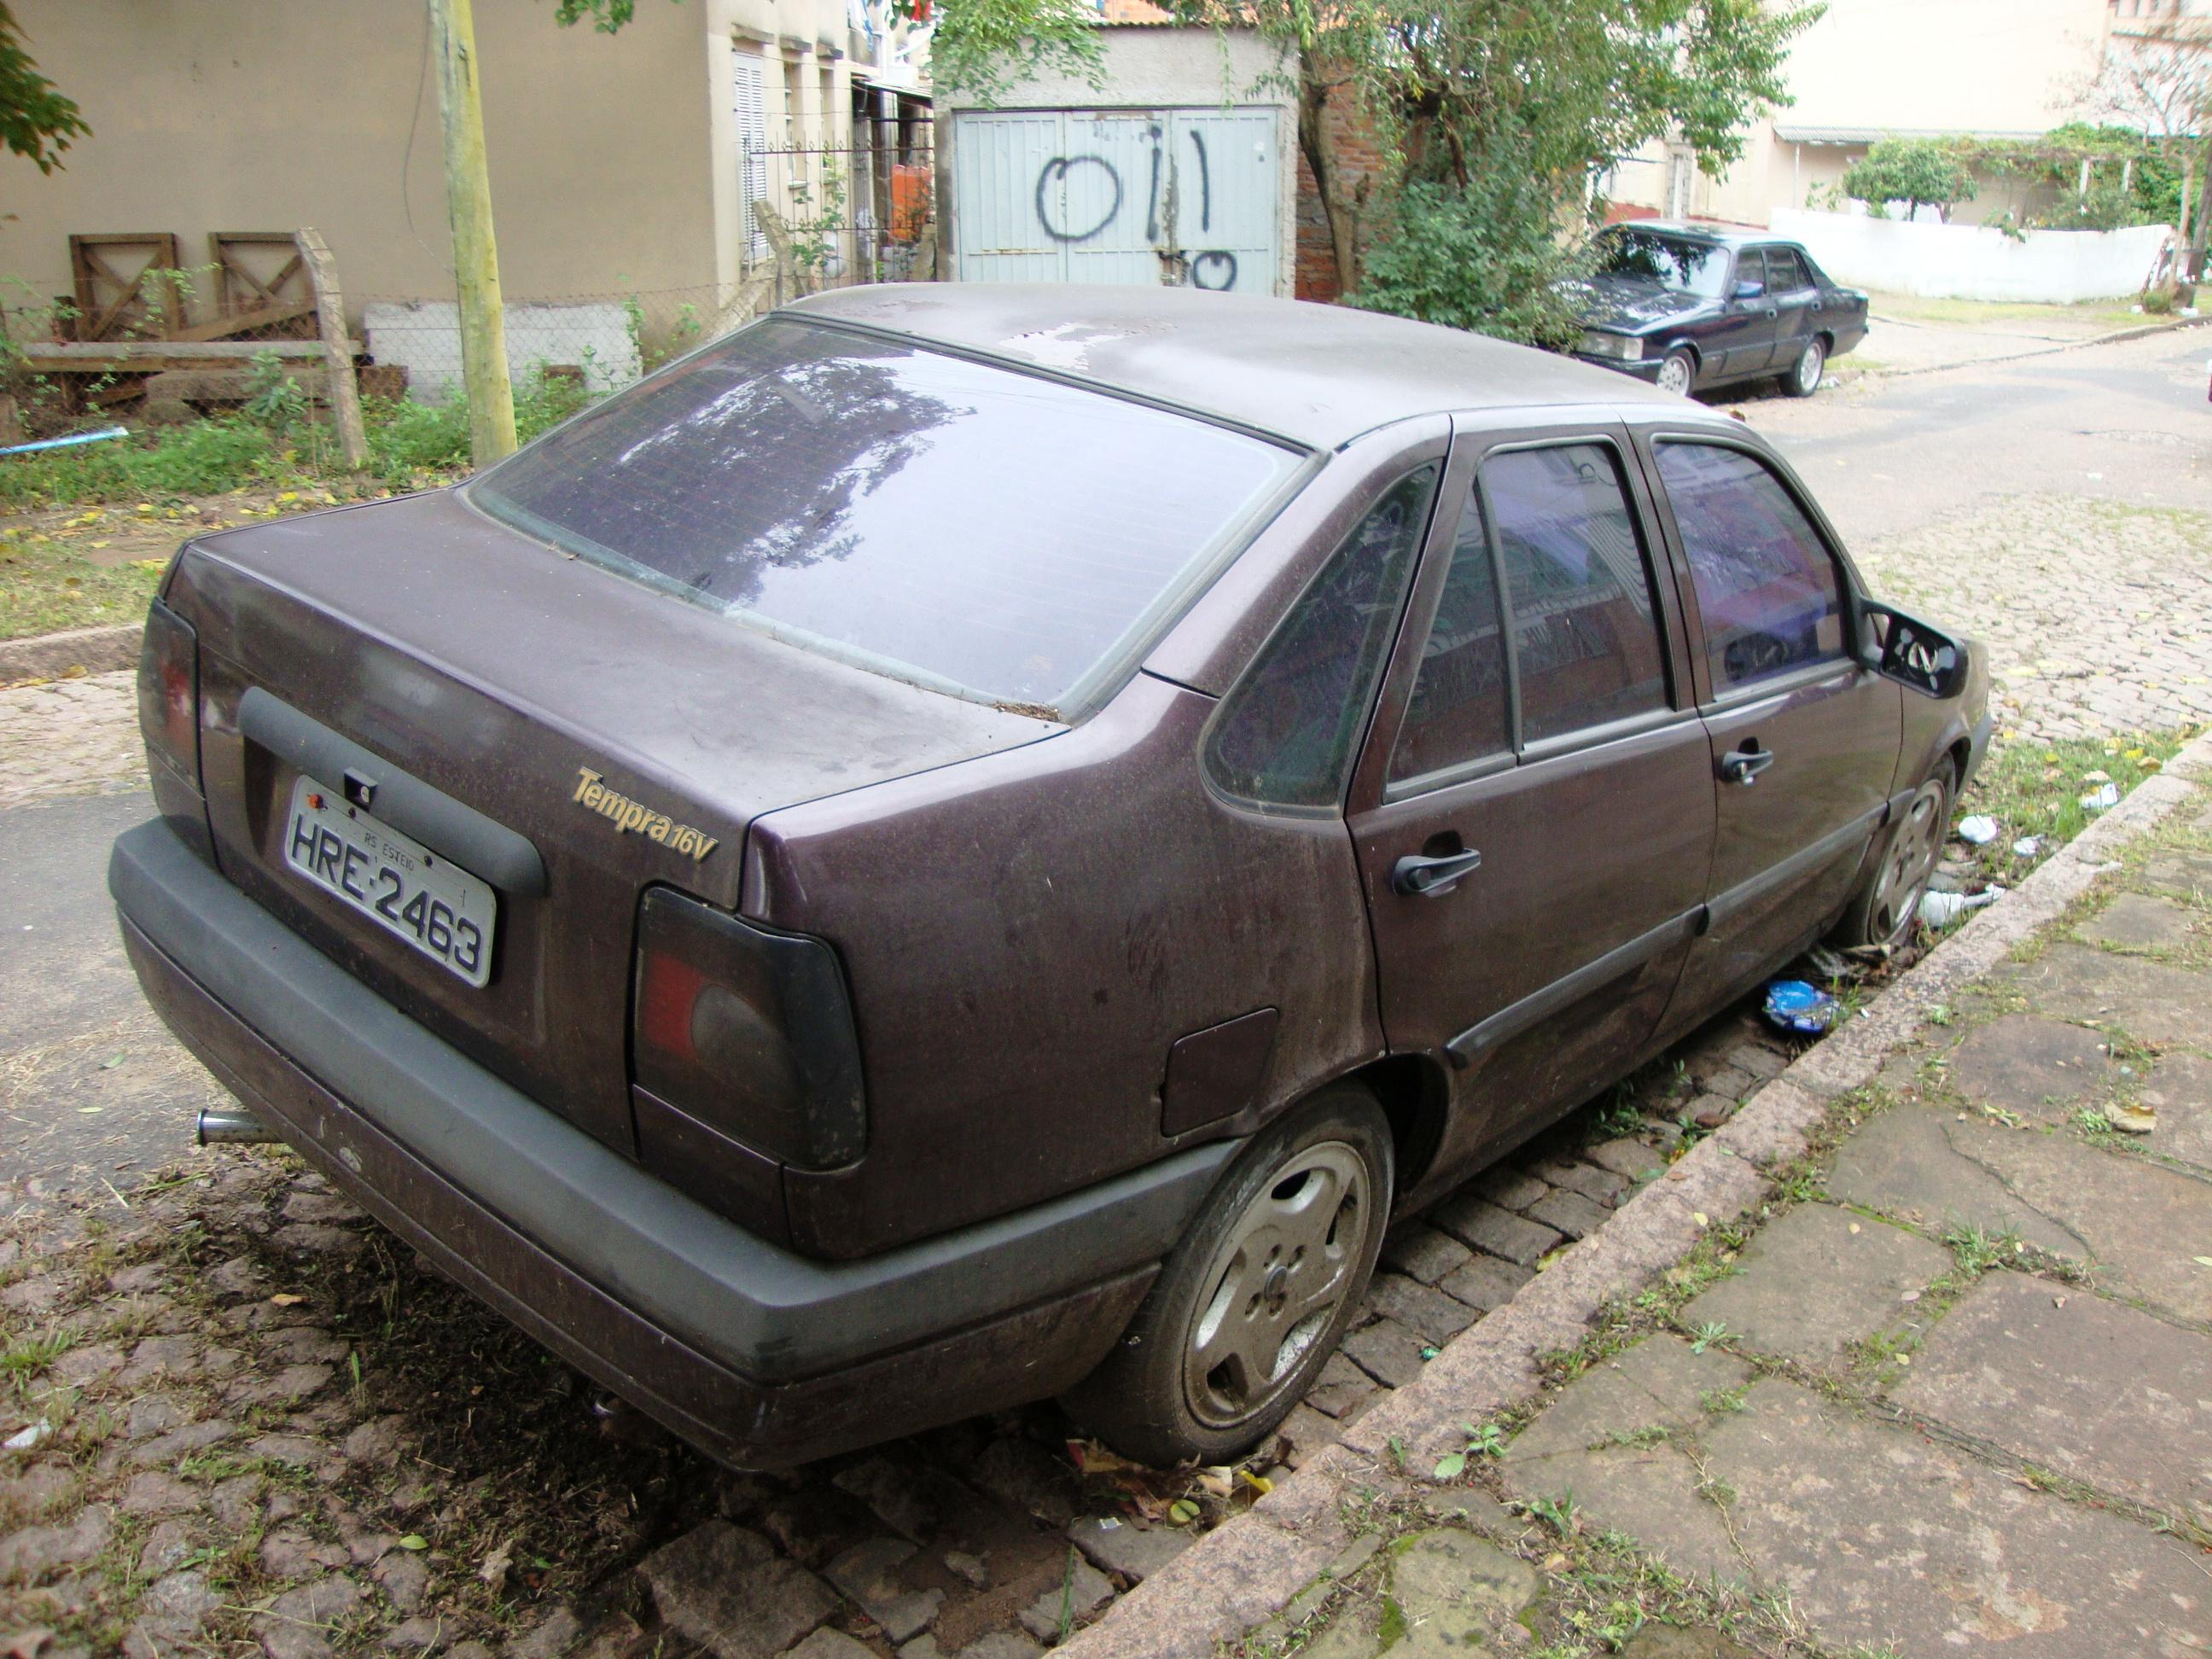 umkt-poa-tempra-1 Fiat Tempra